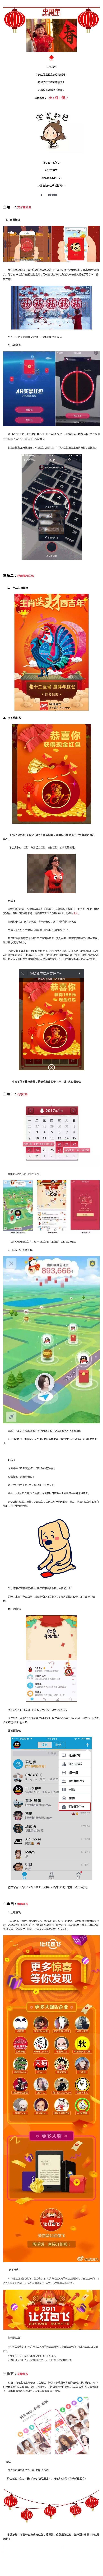 呼哈城市春节红包-无底部广告(1M).jpg